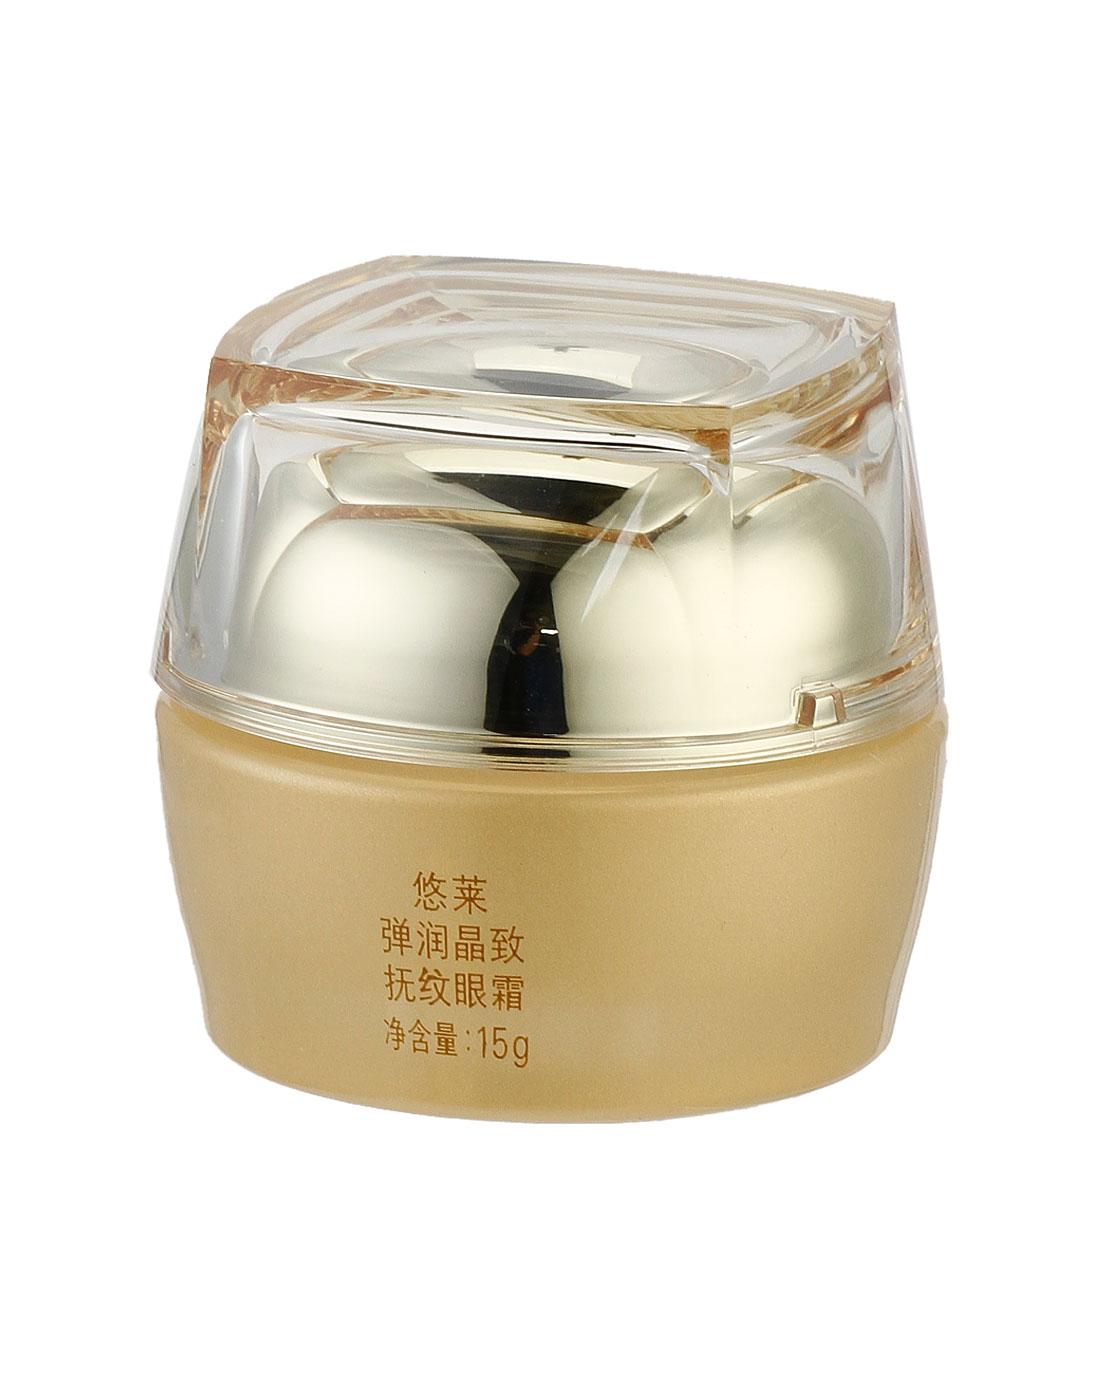 资生堂shiseido化妆品专场-悠莱 弹润晶致抚纹眼霜 15g